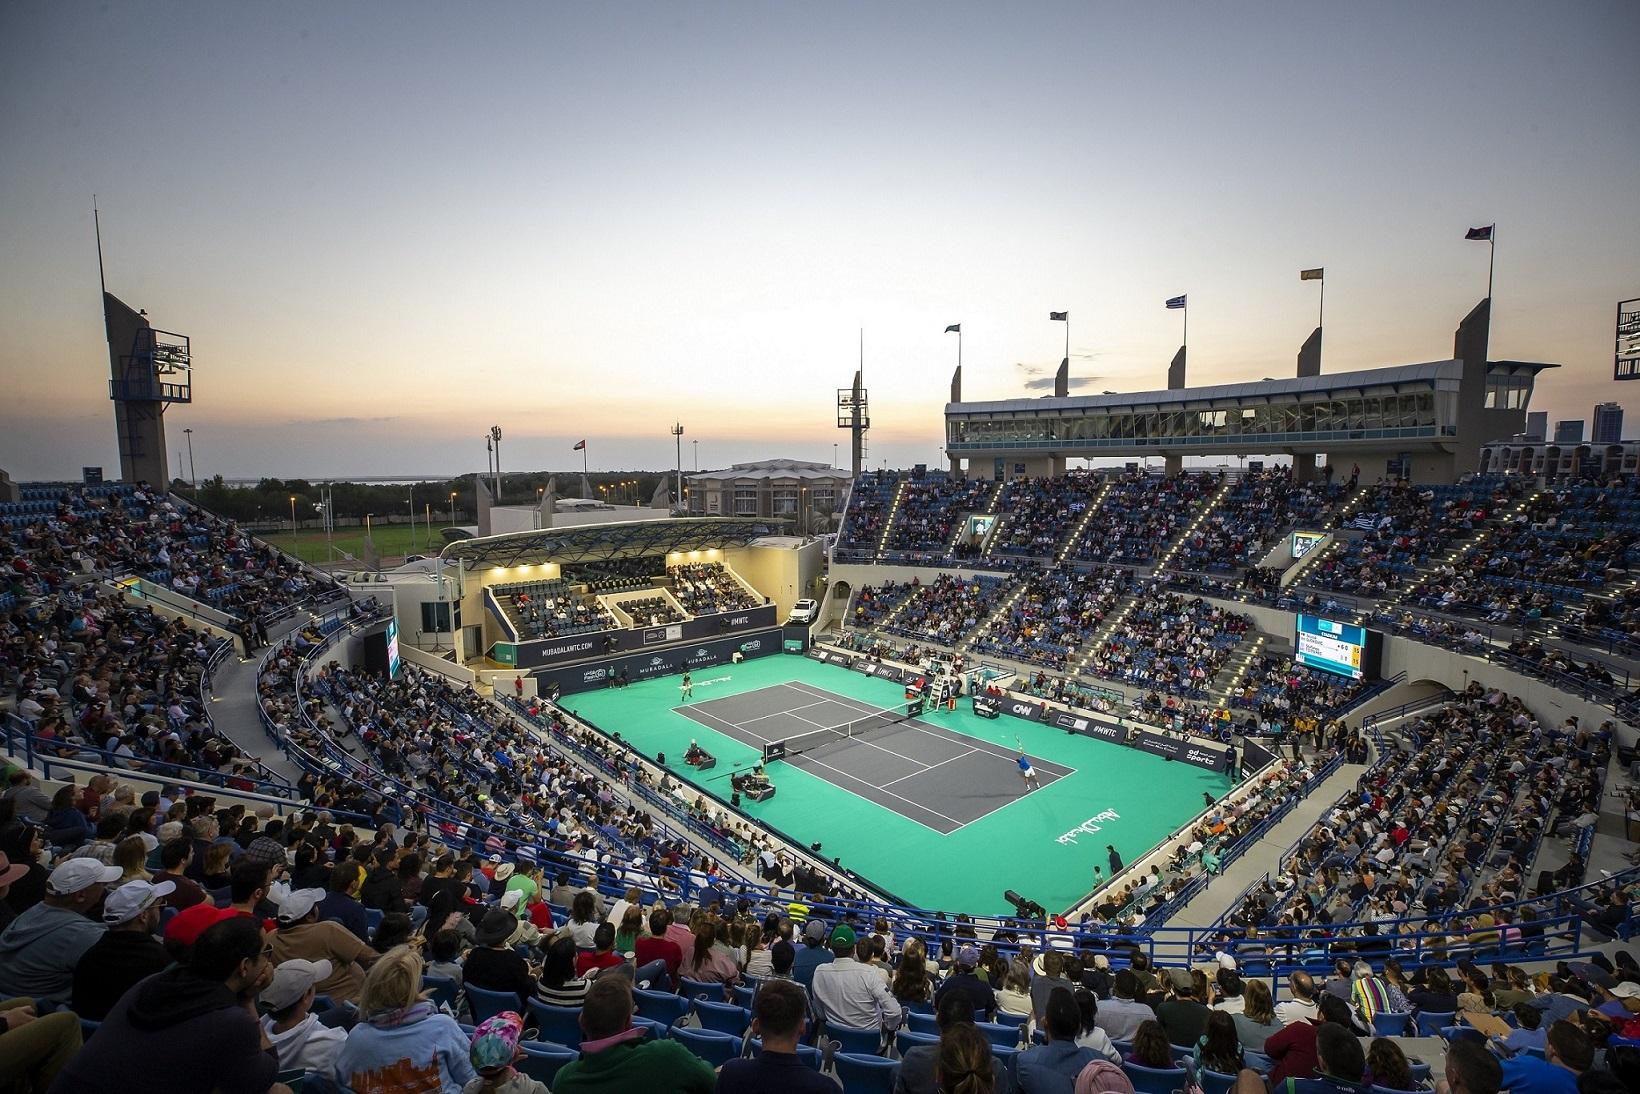 أبوظبي تستضيف بطولة مبادلة العالمية للتنس 2021